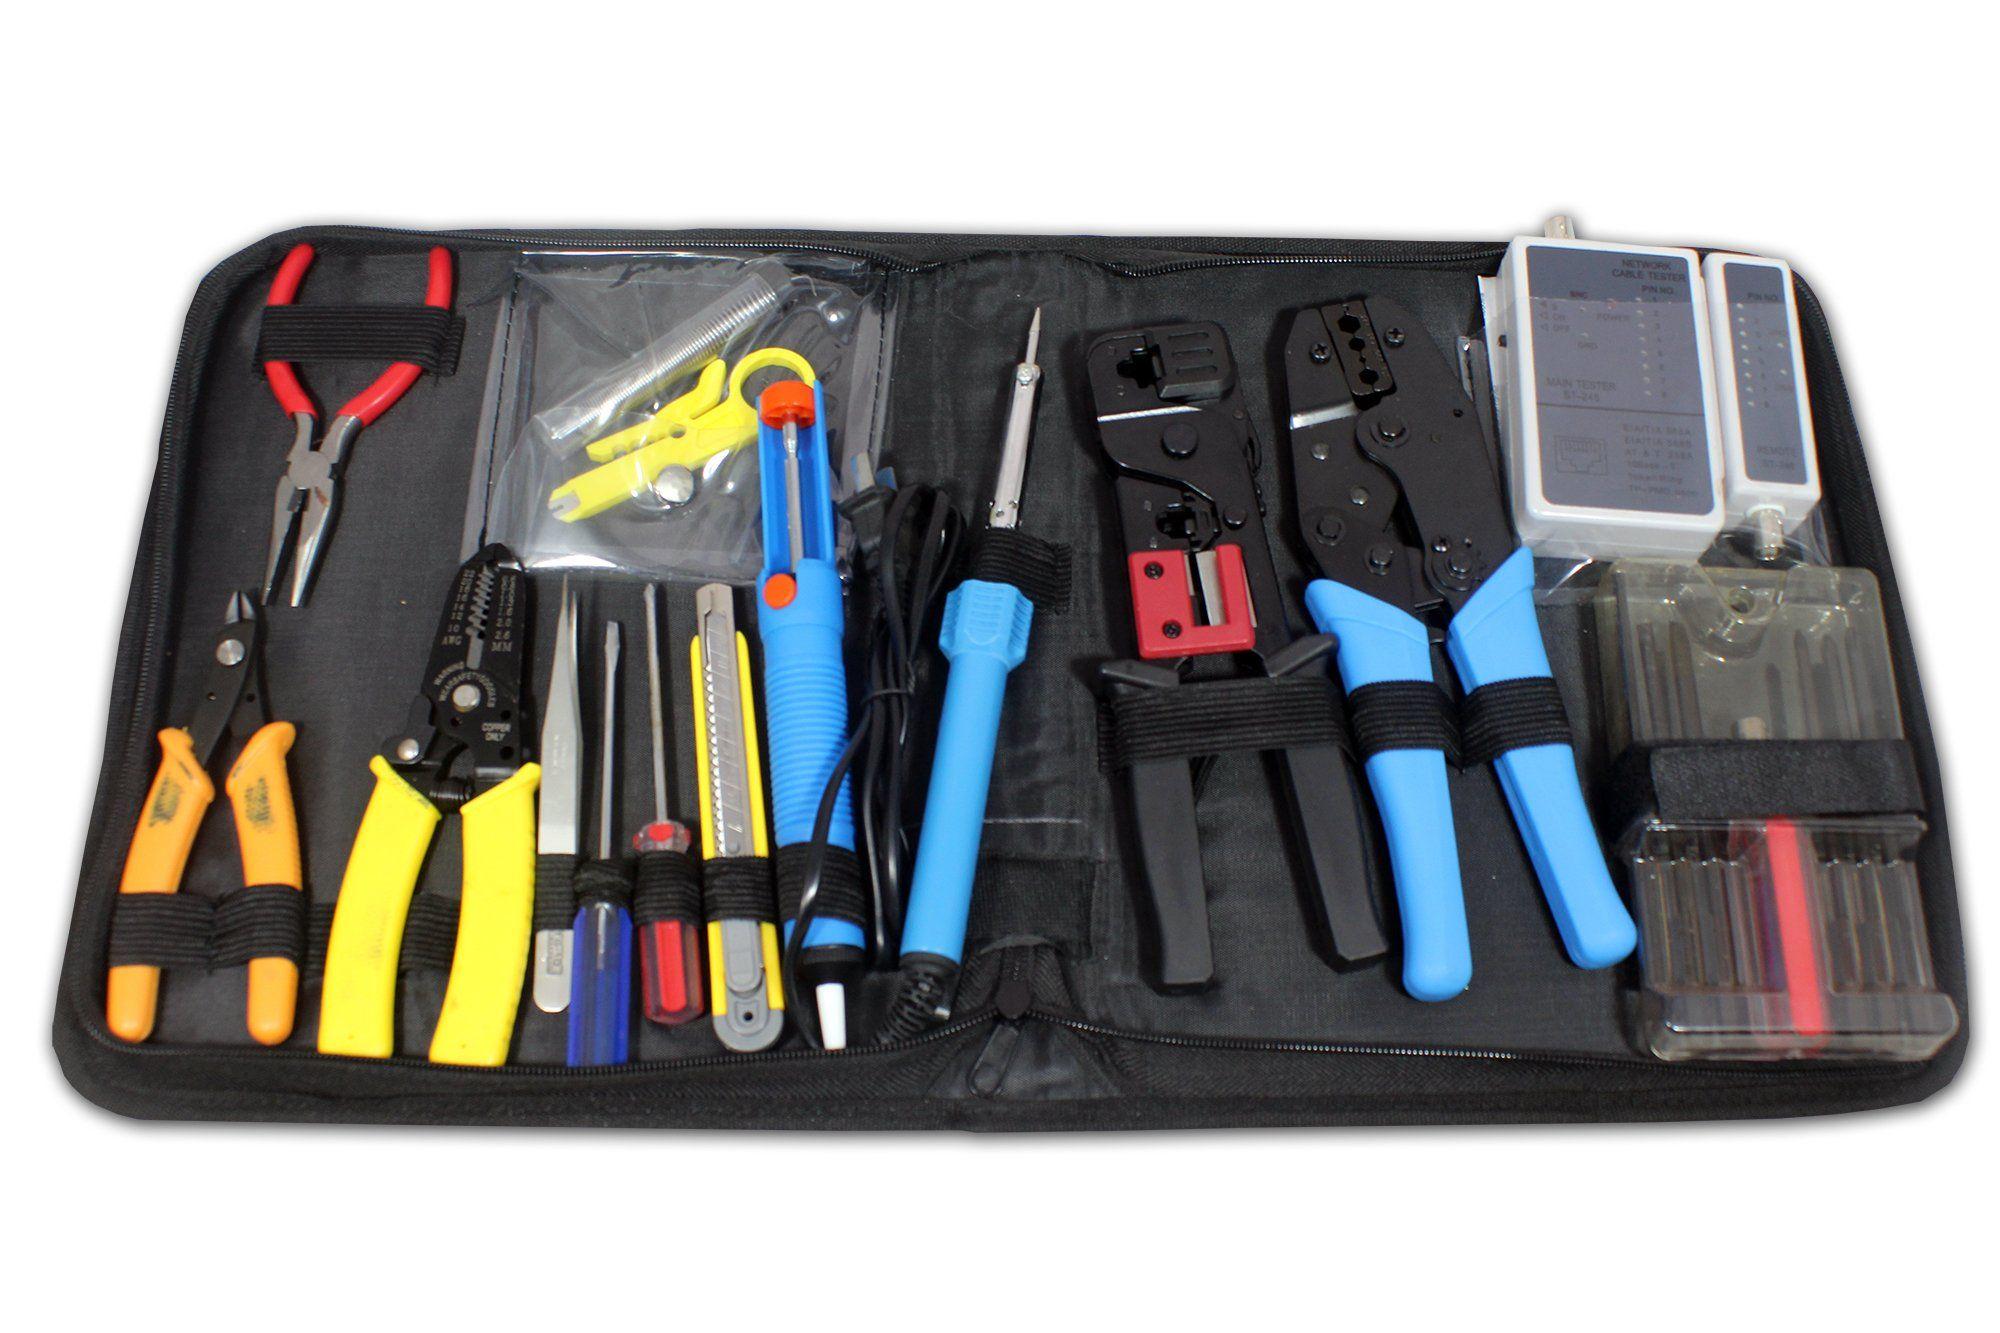 Kit de Ferramentas para pequenos reparos Hardline TK02